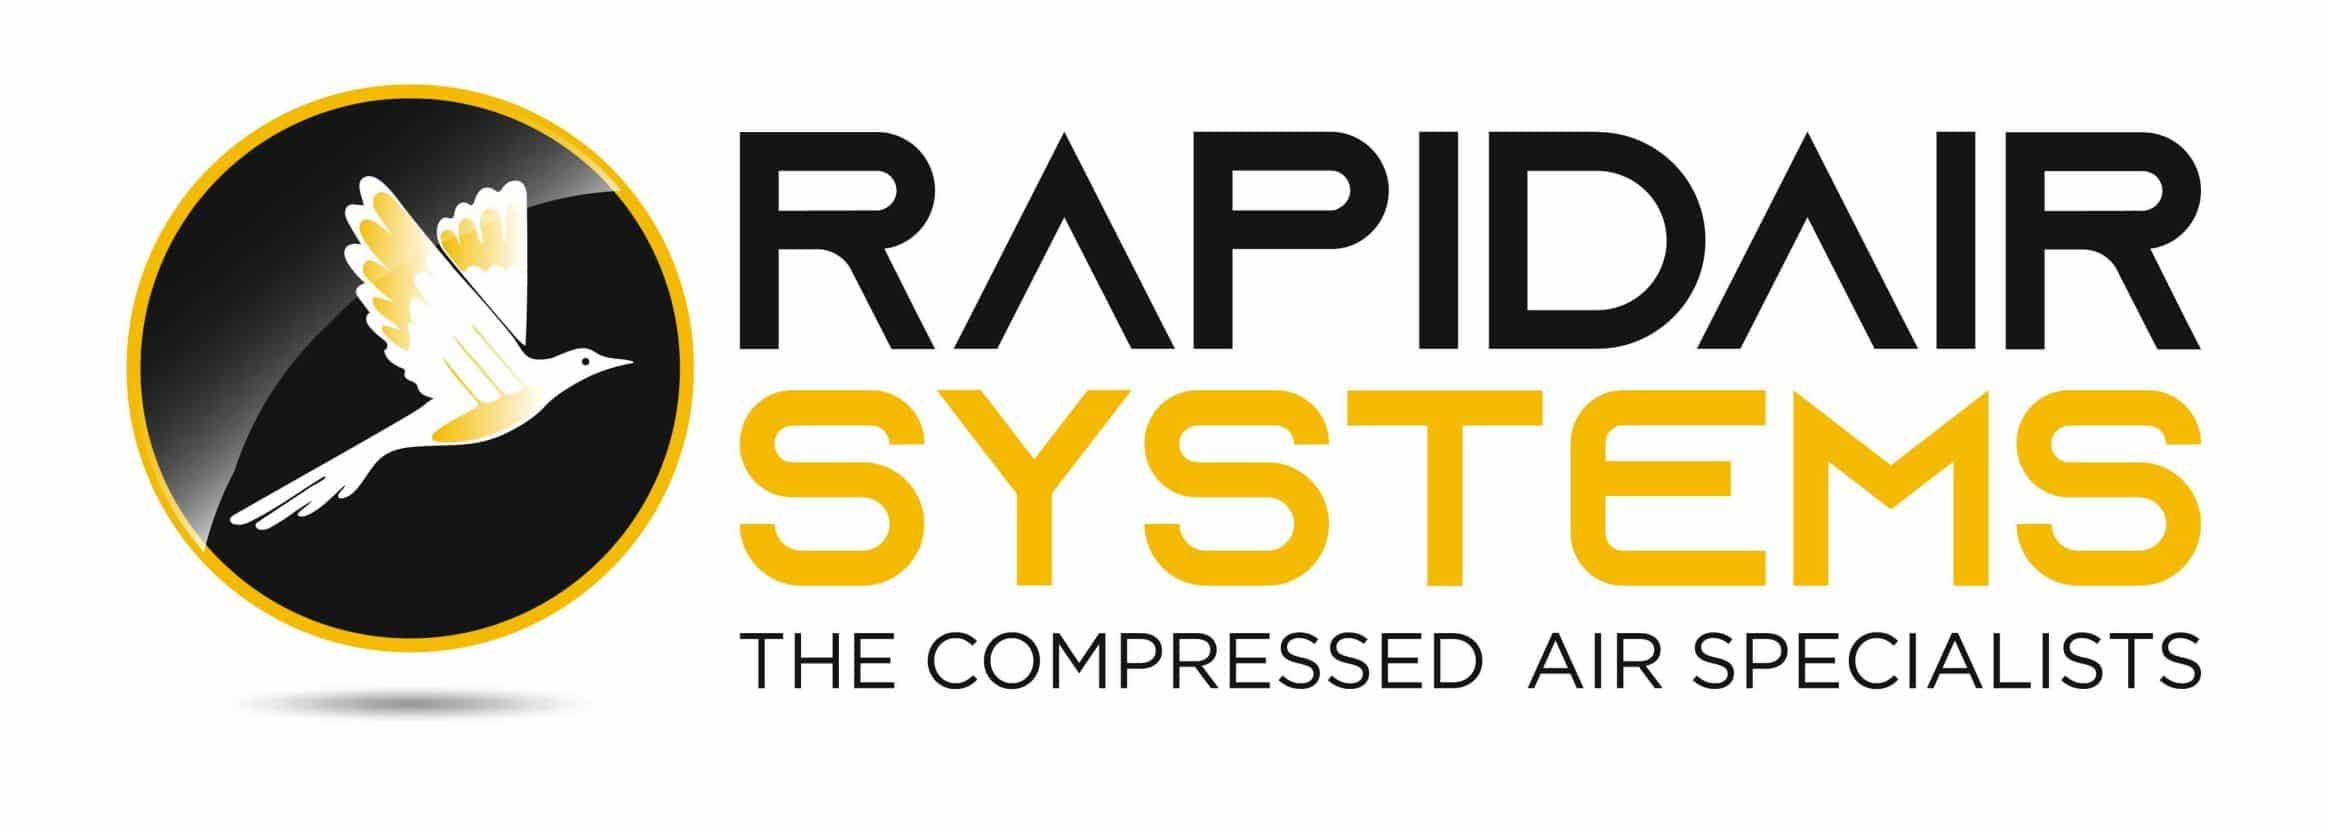 Rapidair Systems